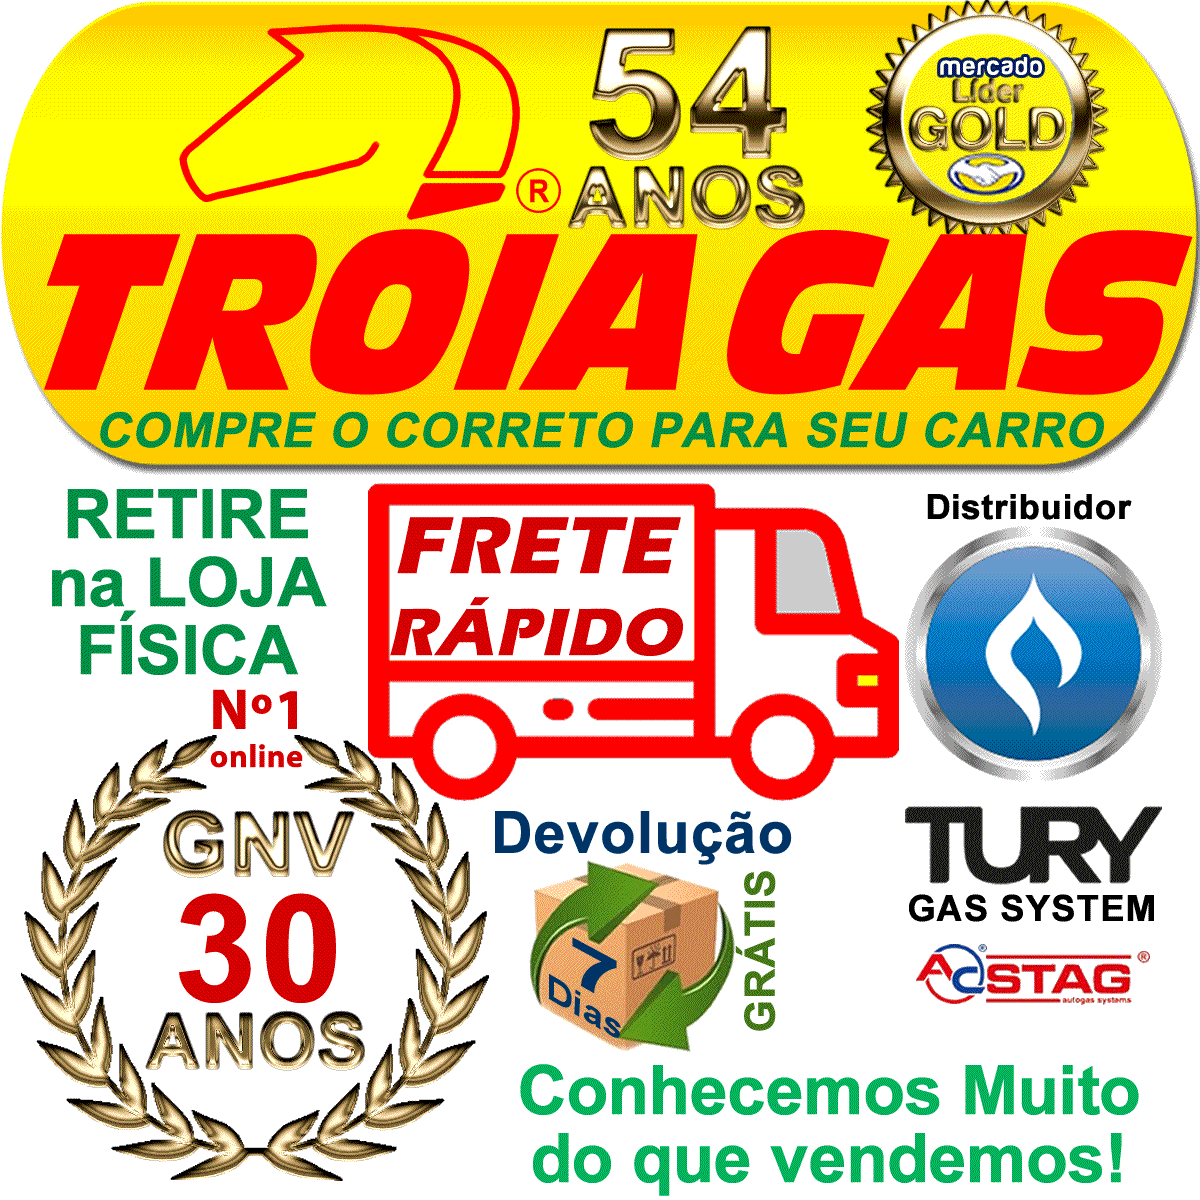 Mangueira Alta Pressão 8x14,5 GNV 5ª ou 6ª geração